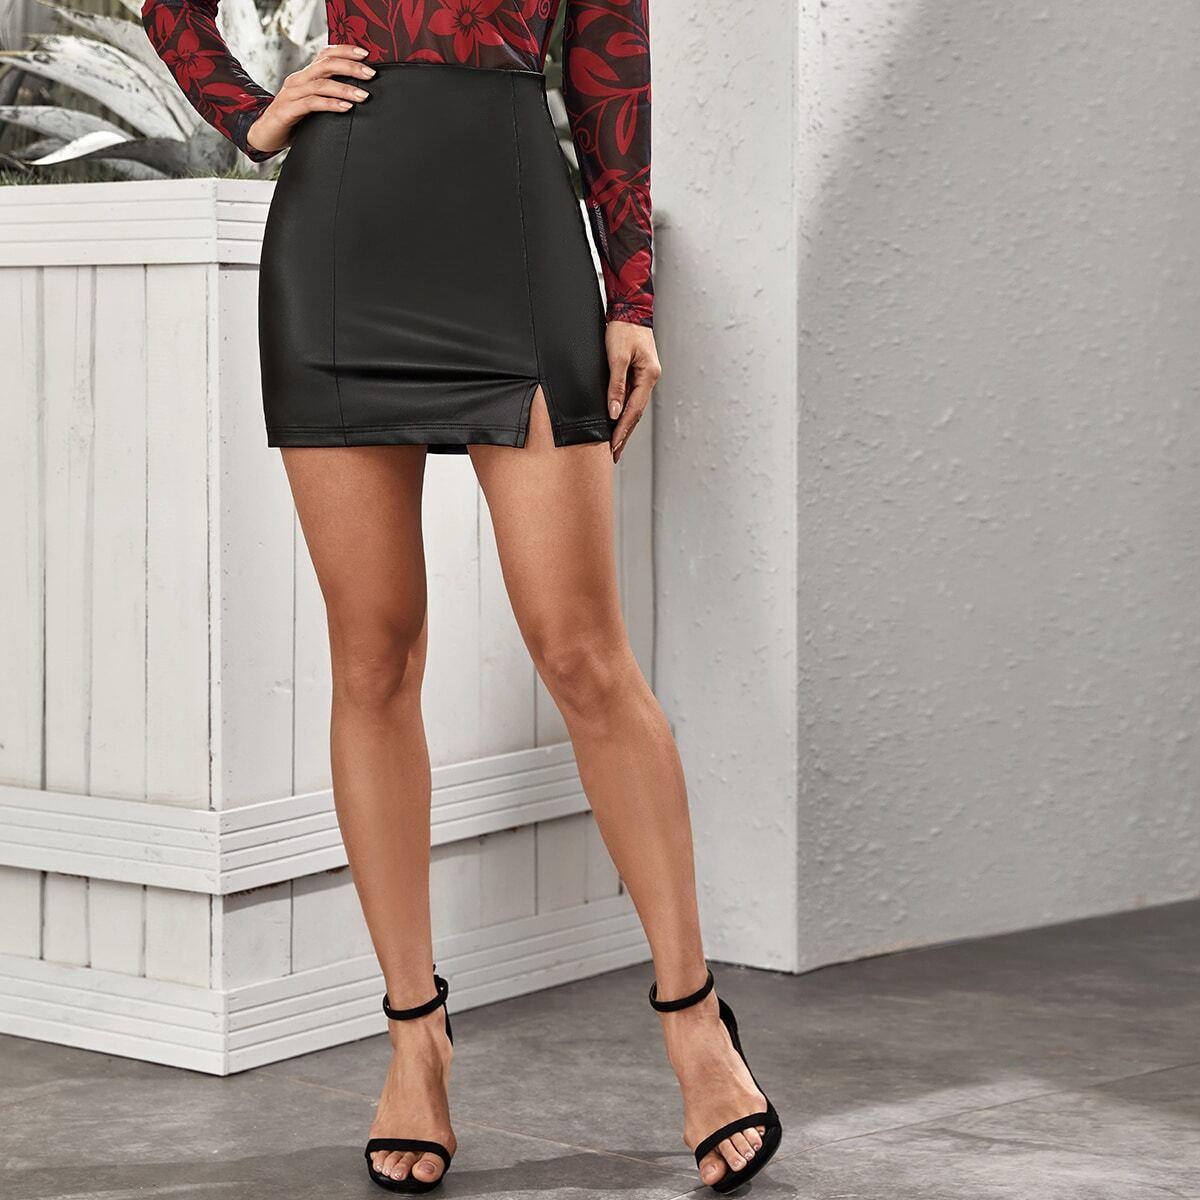 Облегающая юбка из искусственной кожи с разрезом и молнией